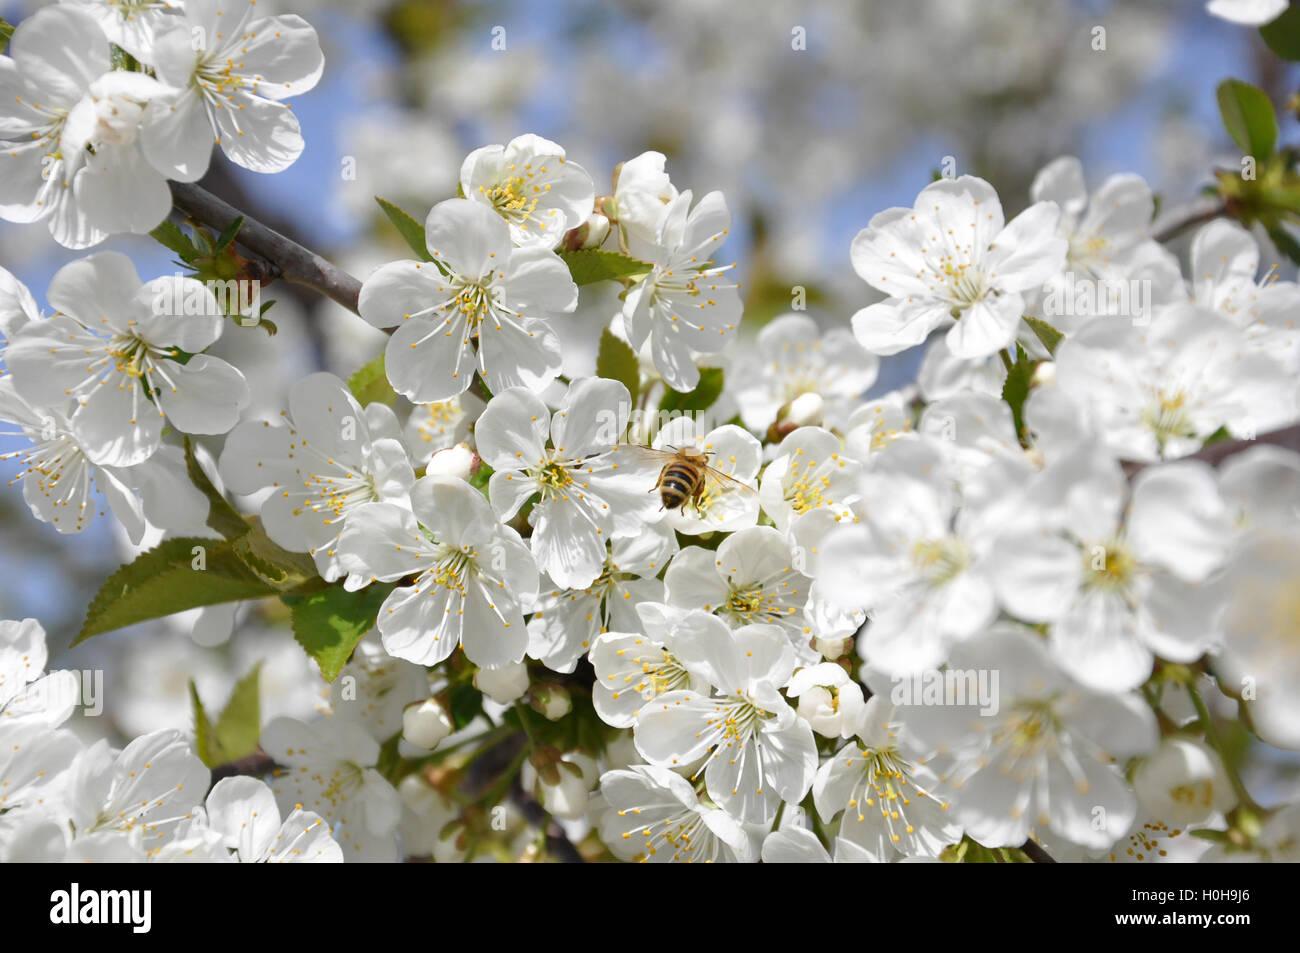 Las abejas de miel en una flor de cerezo recolectando miel 3 Imagen De Stock